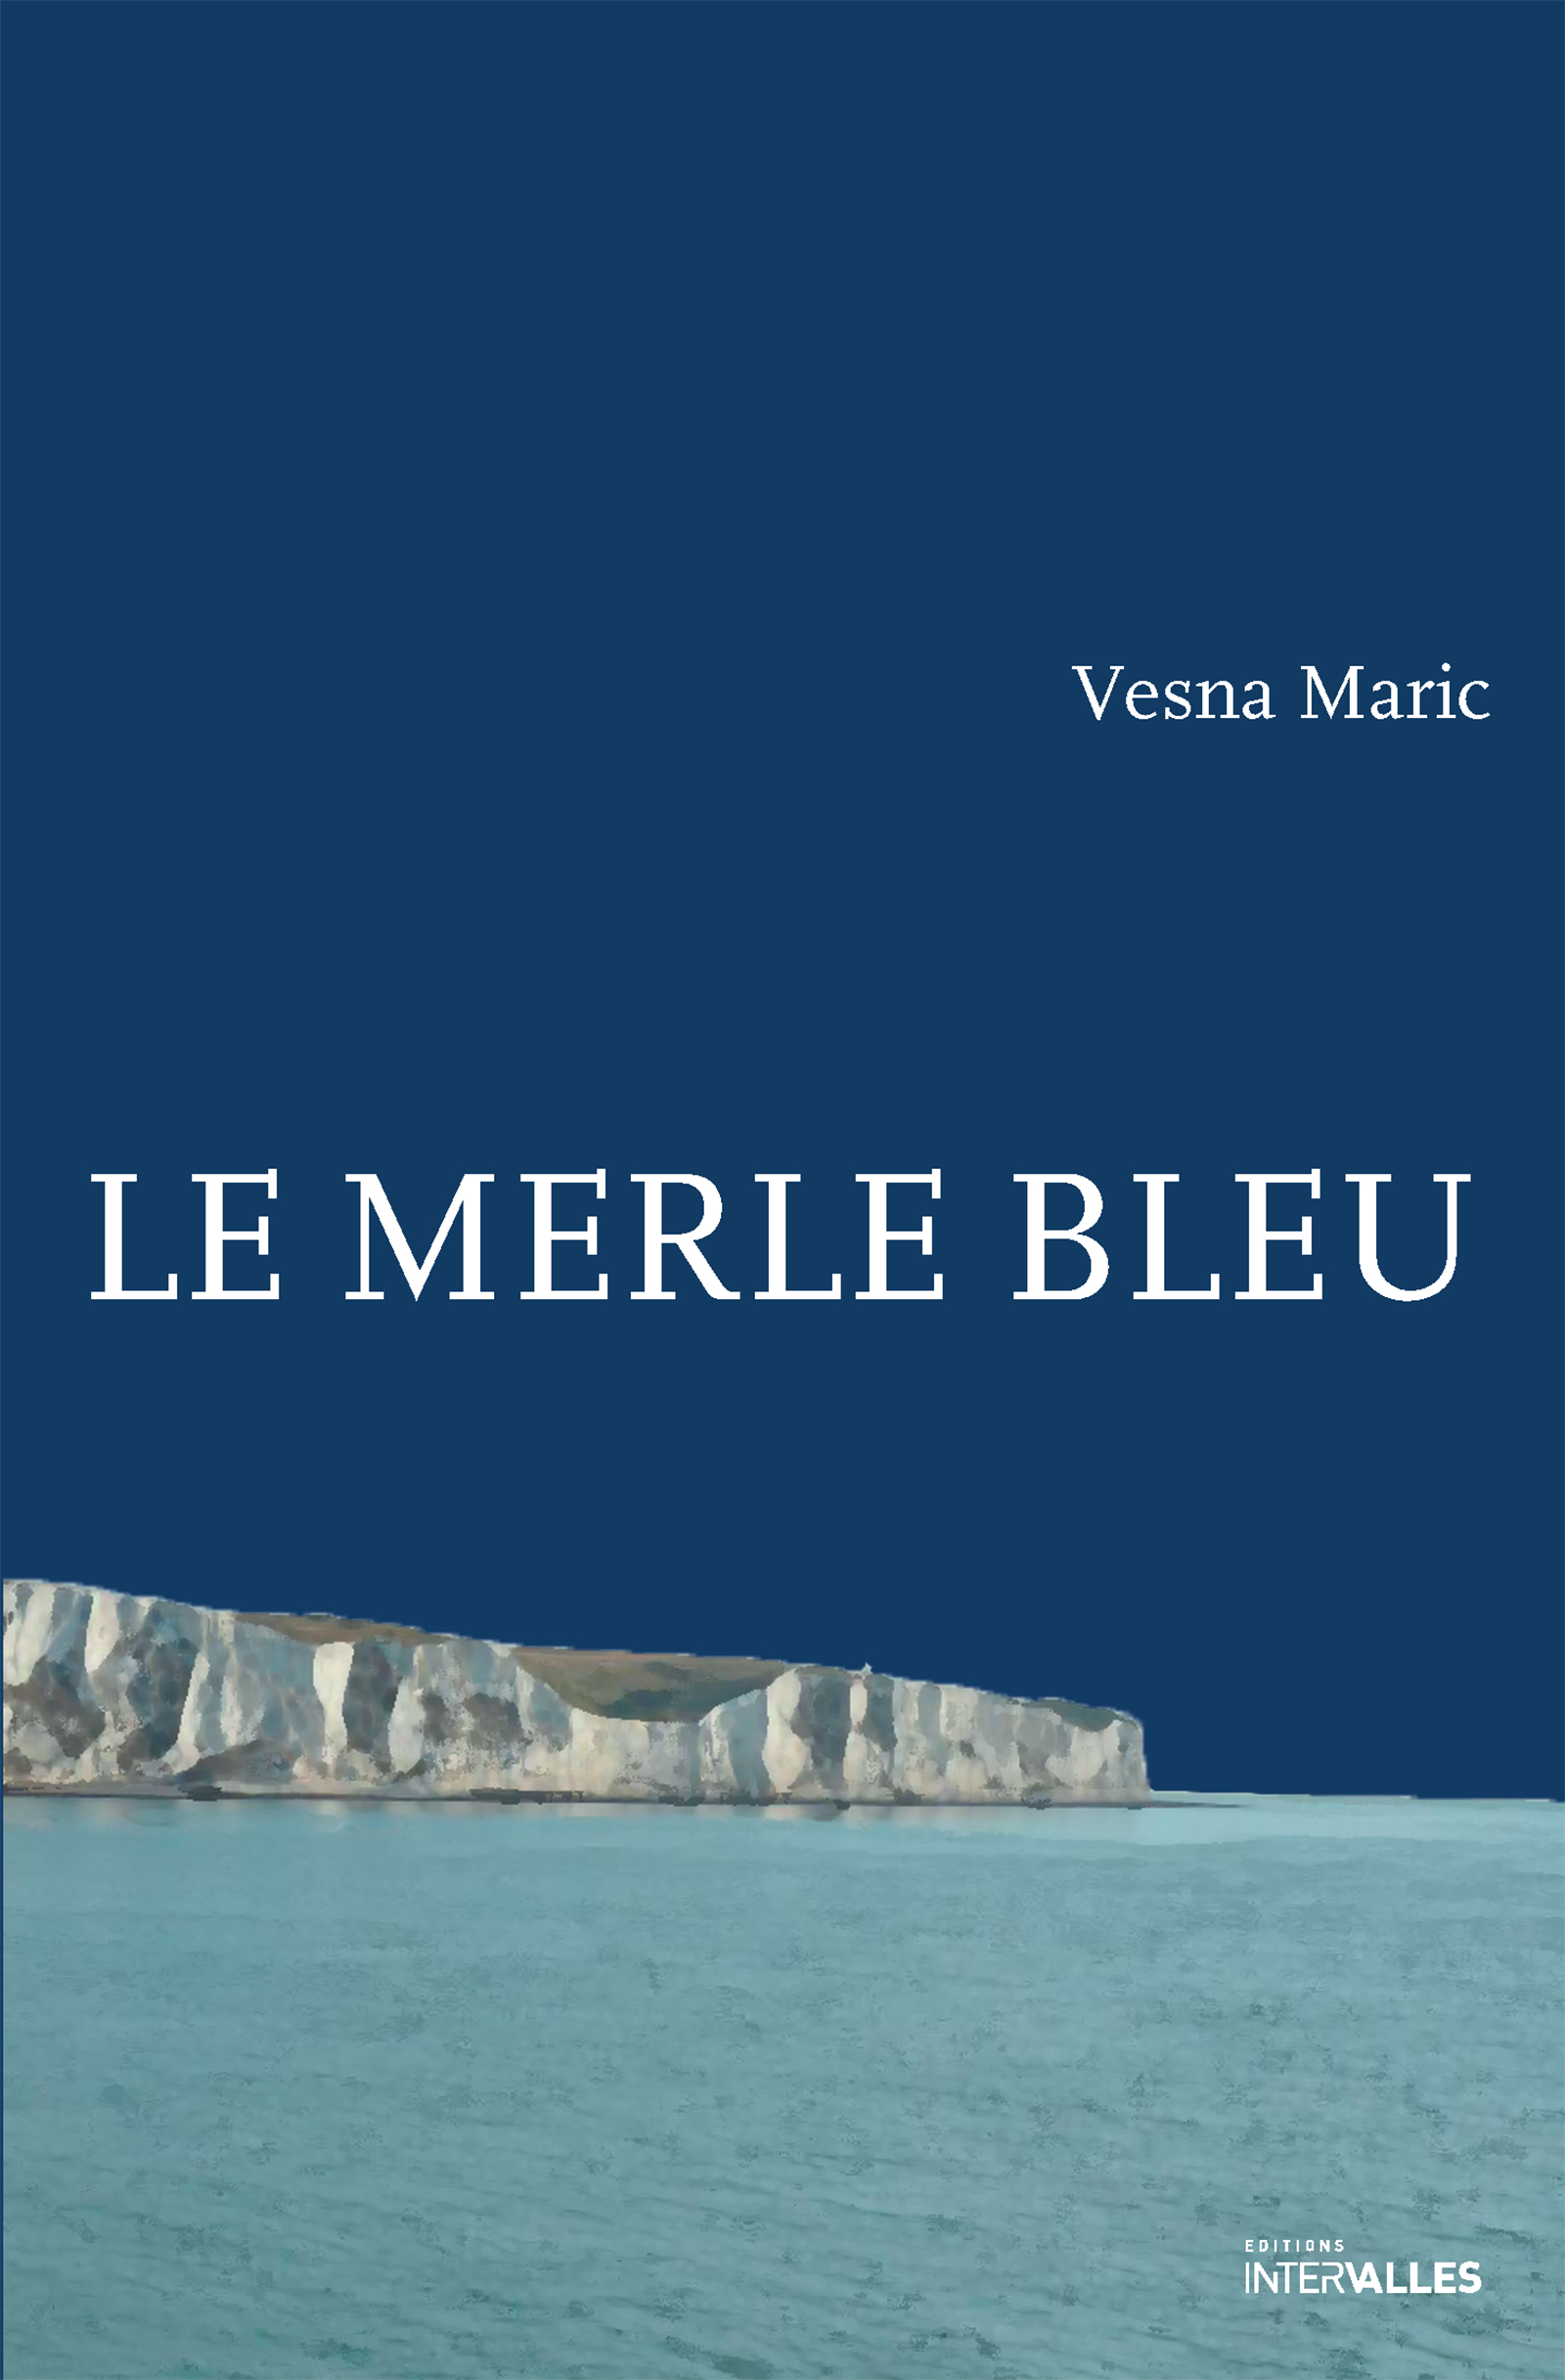 Le Merle bleu